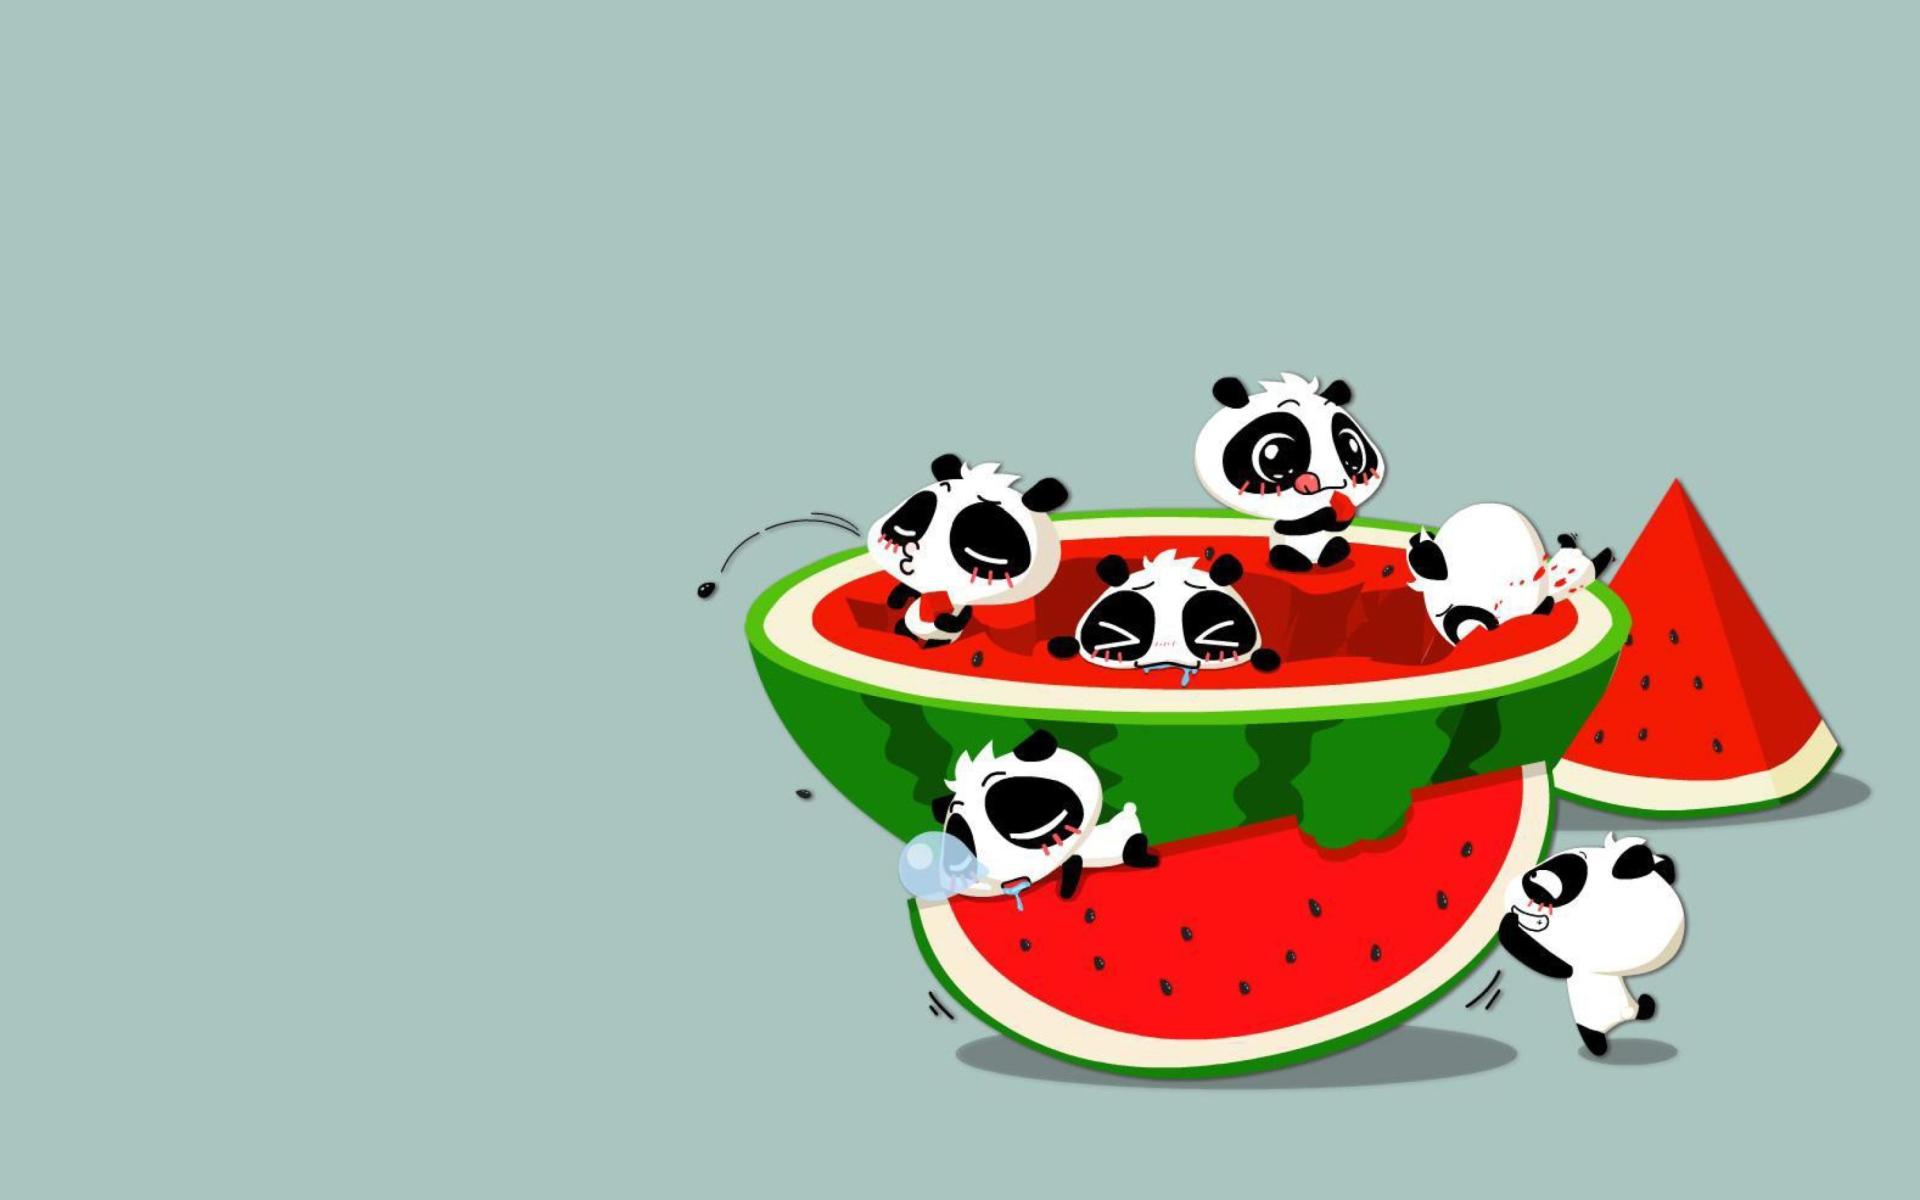 Full Hd Wallpapers Fall Hd Watermelon Backgrounds Pixelstalk Net